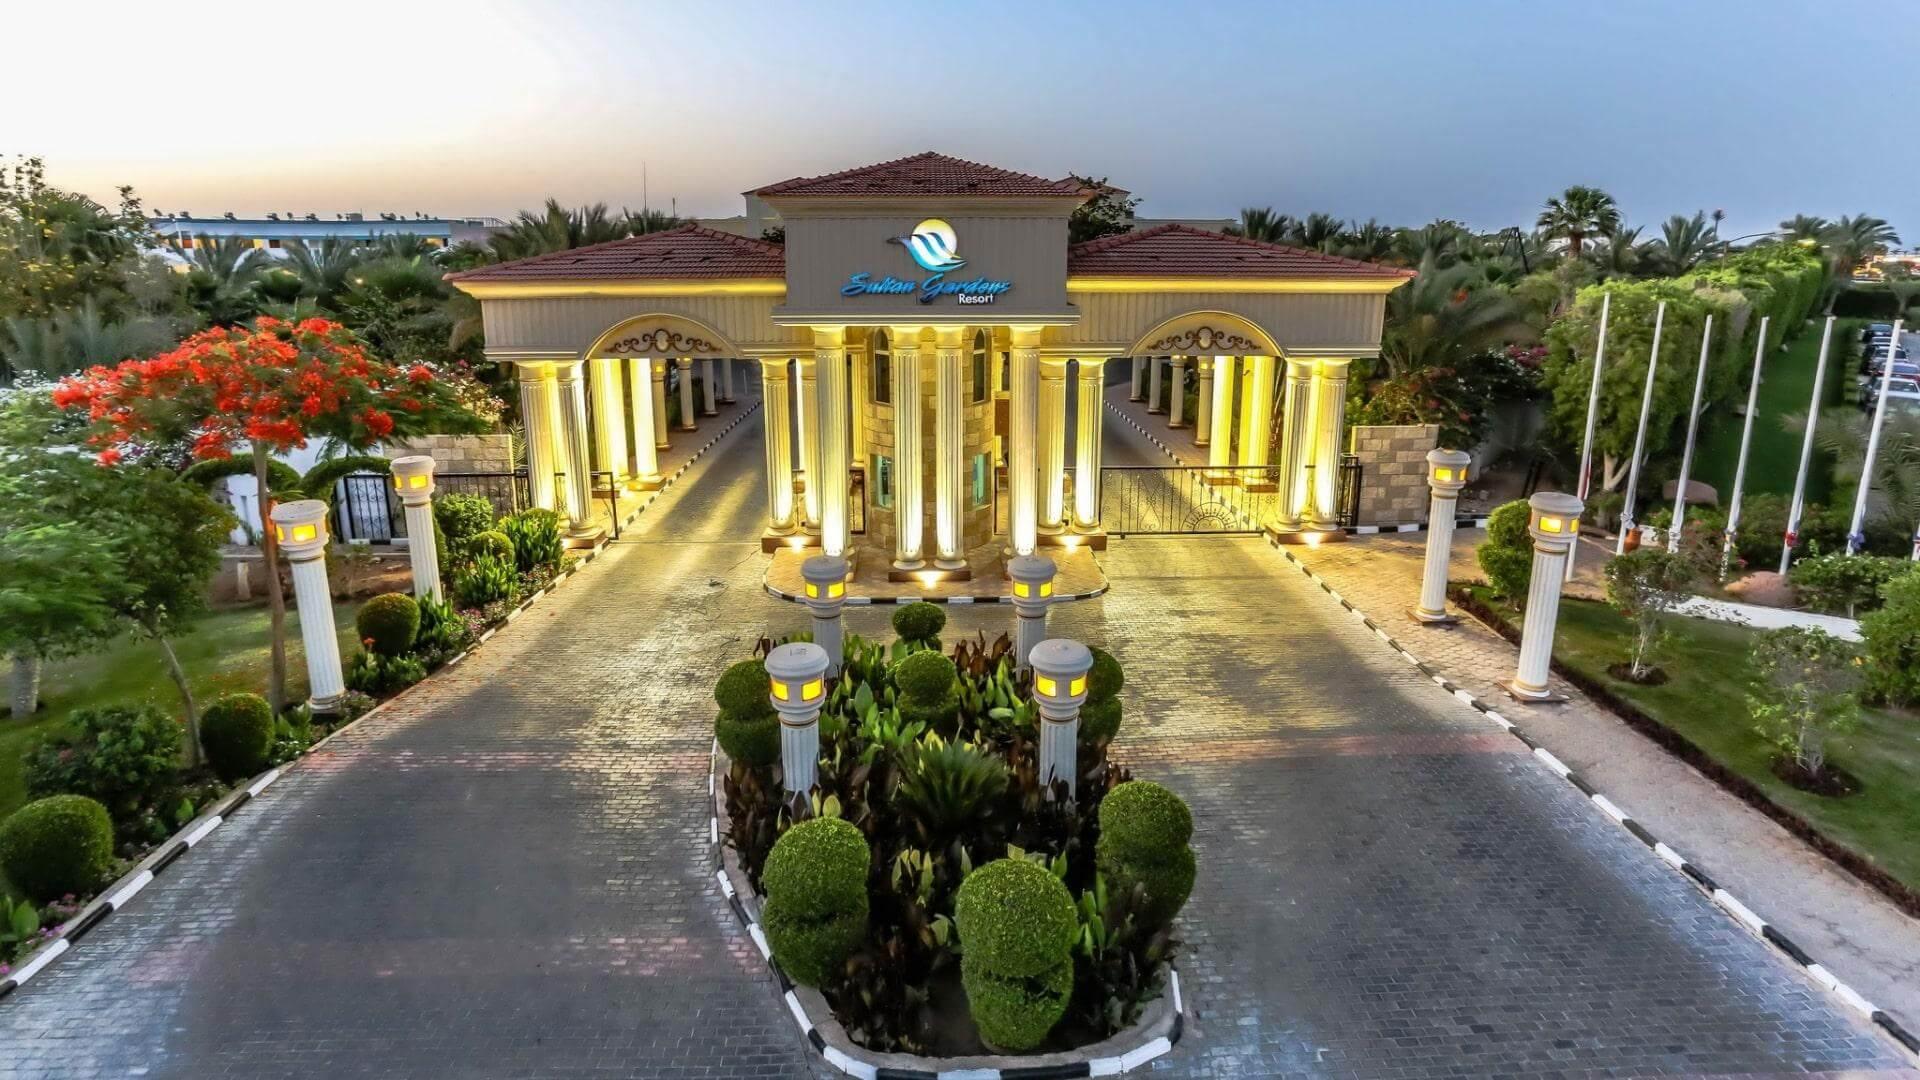 Фото отеля Sultan Gardens 5* в Шарм-эль-Шейхе